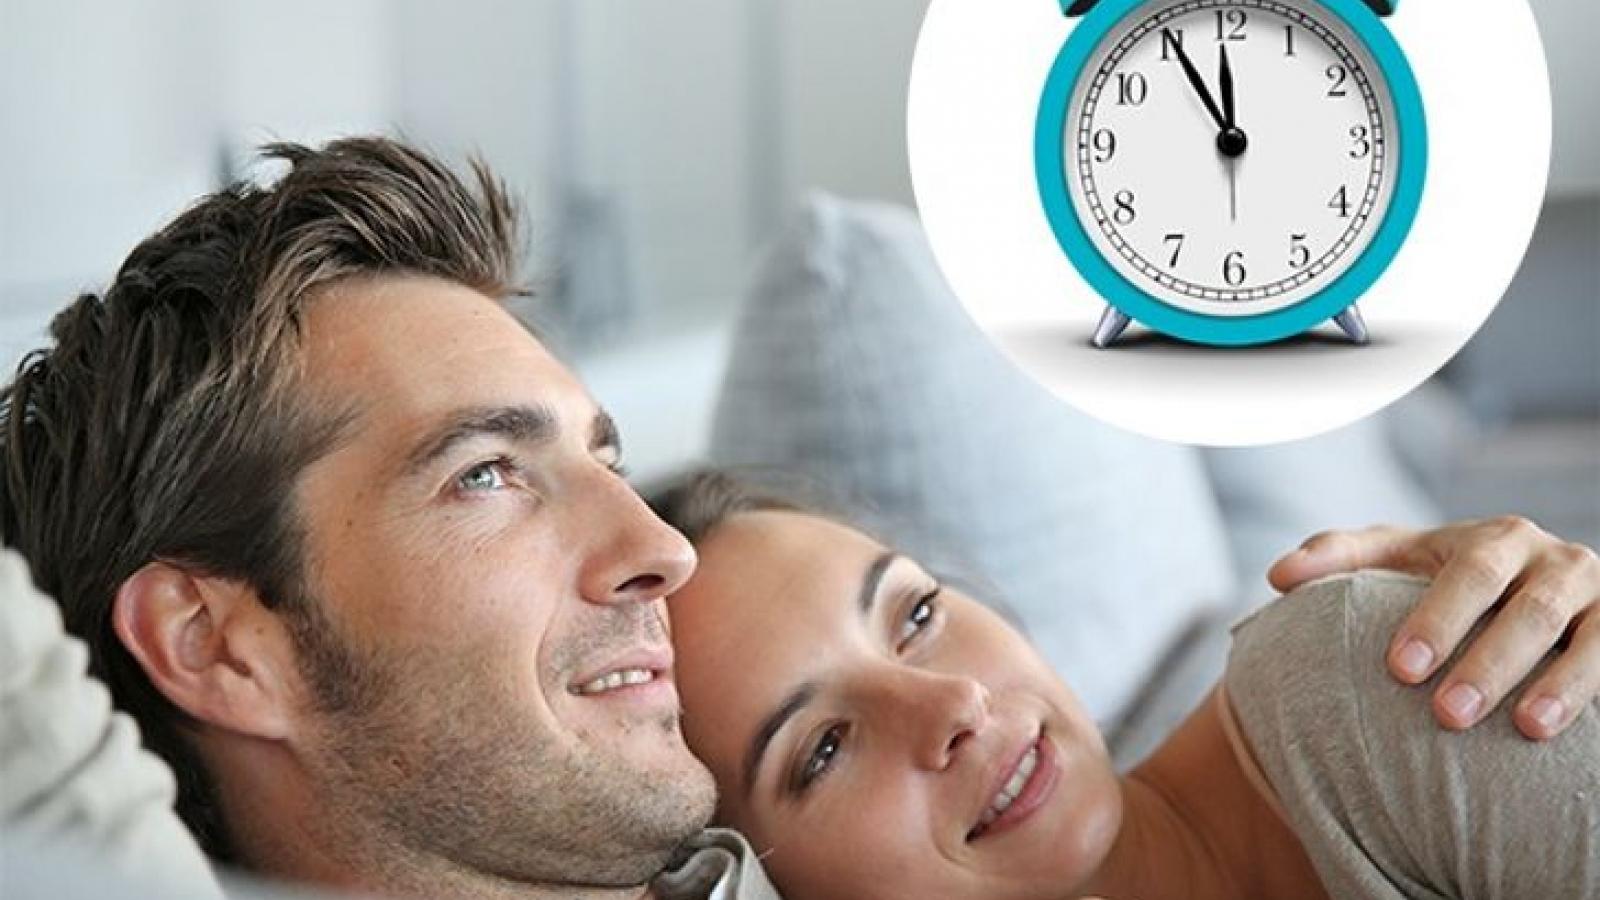 Những thói quen tốt trước khi ngủ nên duy trì để có đời sống đôi lứa hạnh phúc